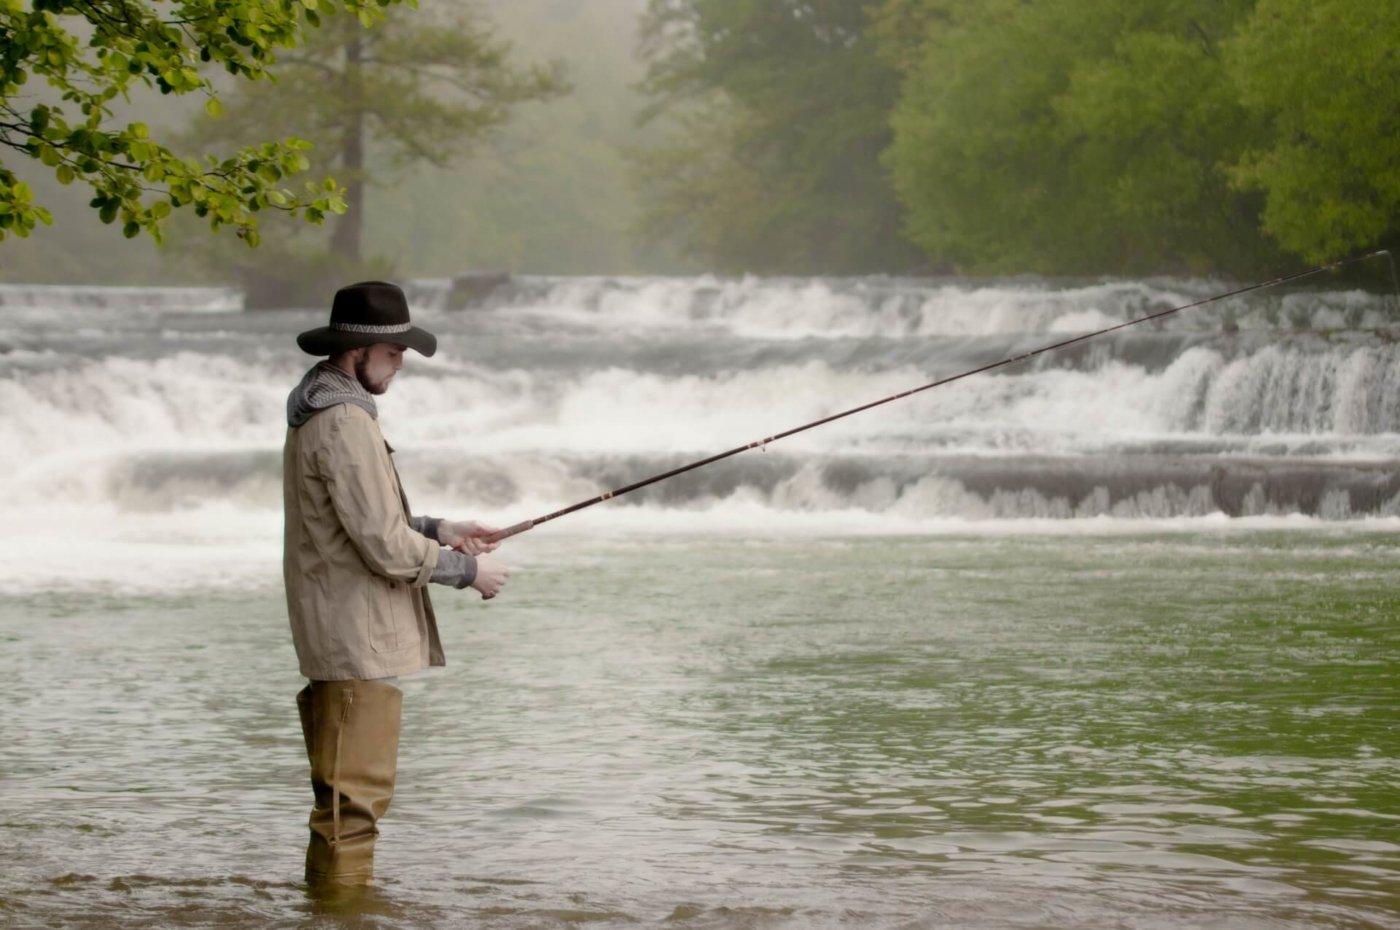 各地区の釣り情報を知るには?ネットの情報は役立ちます